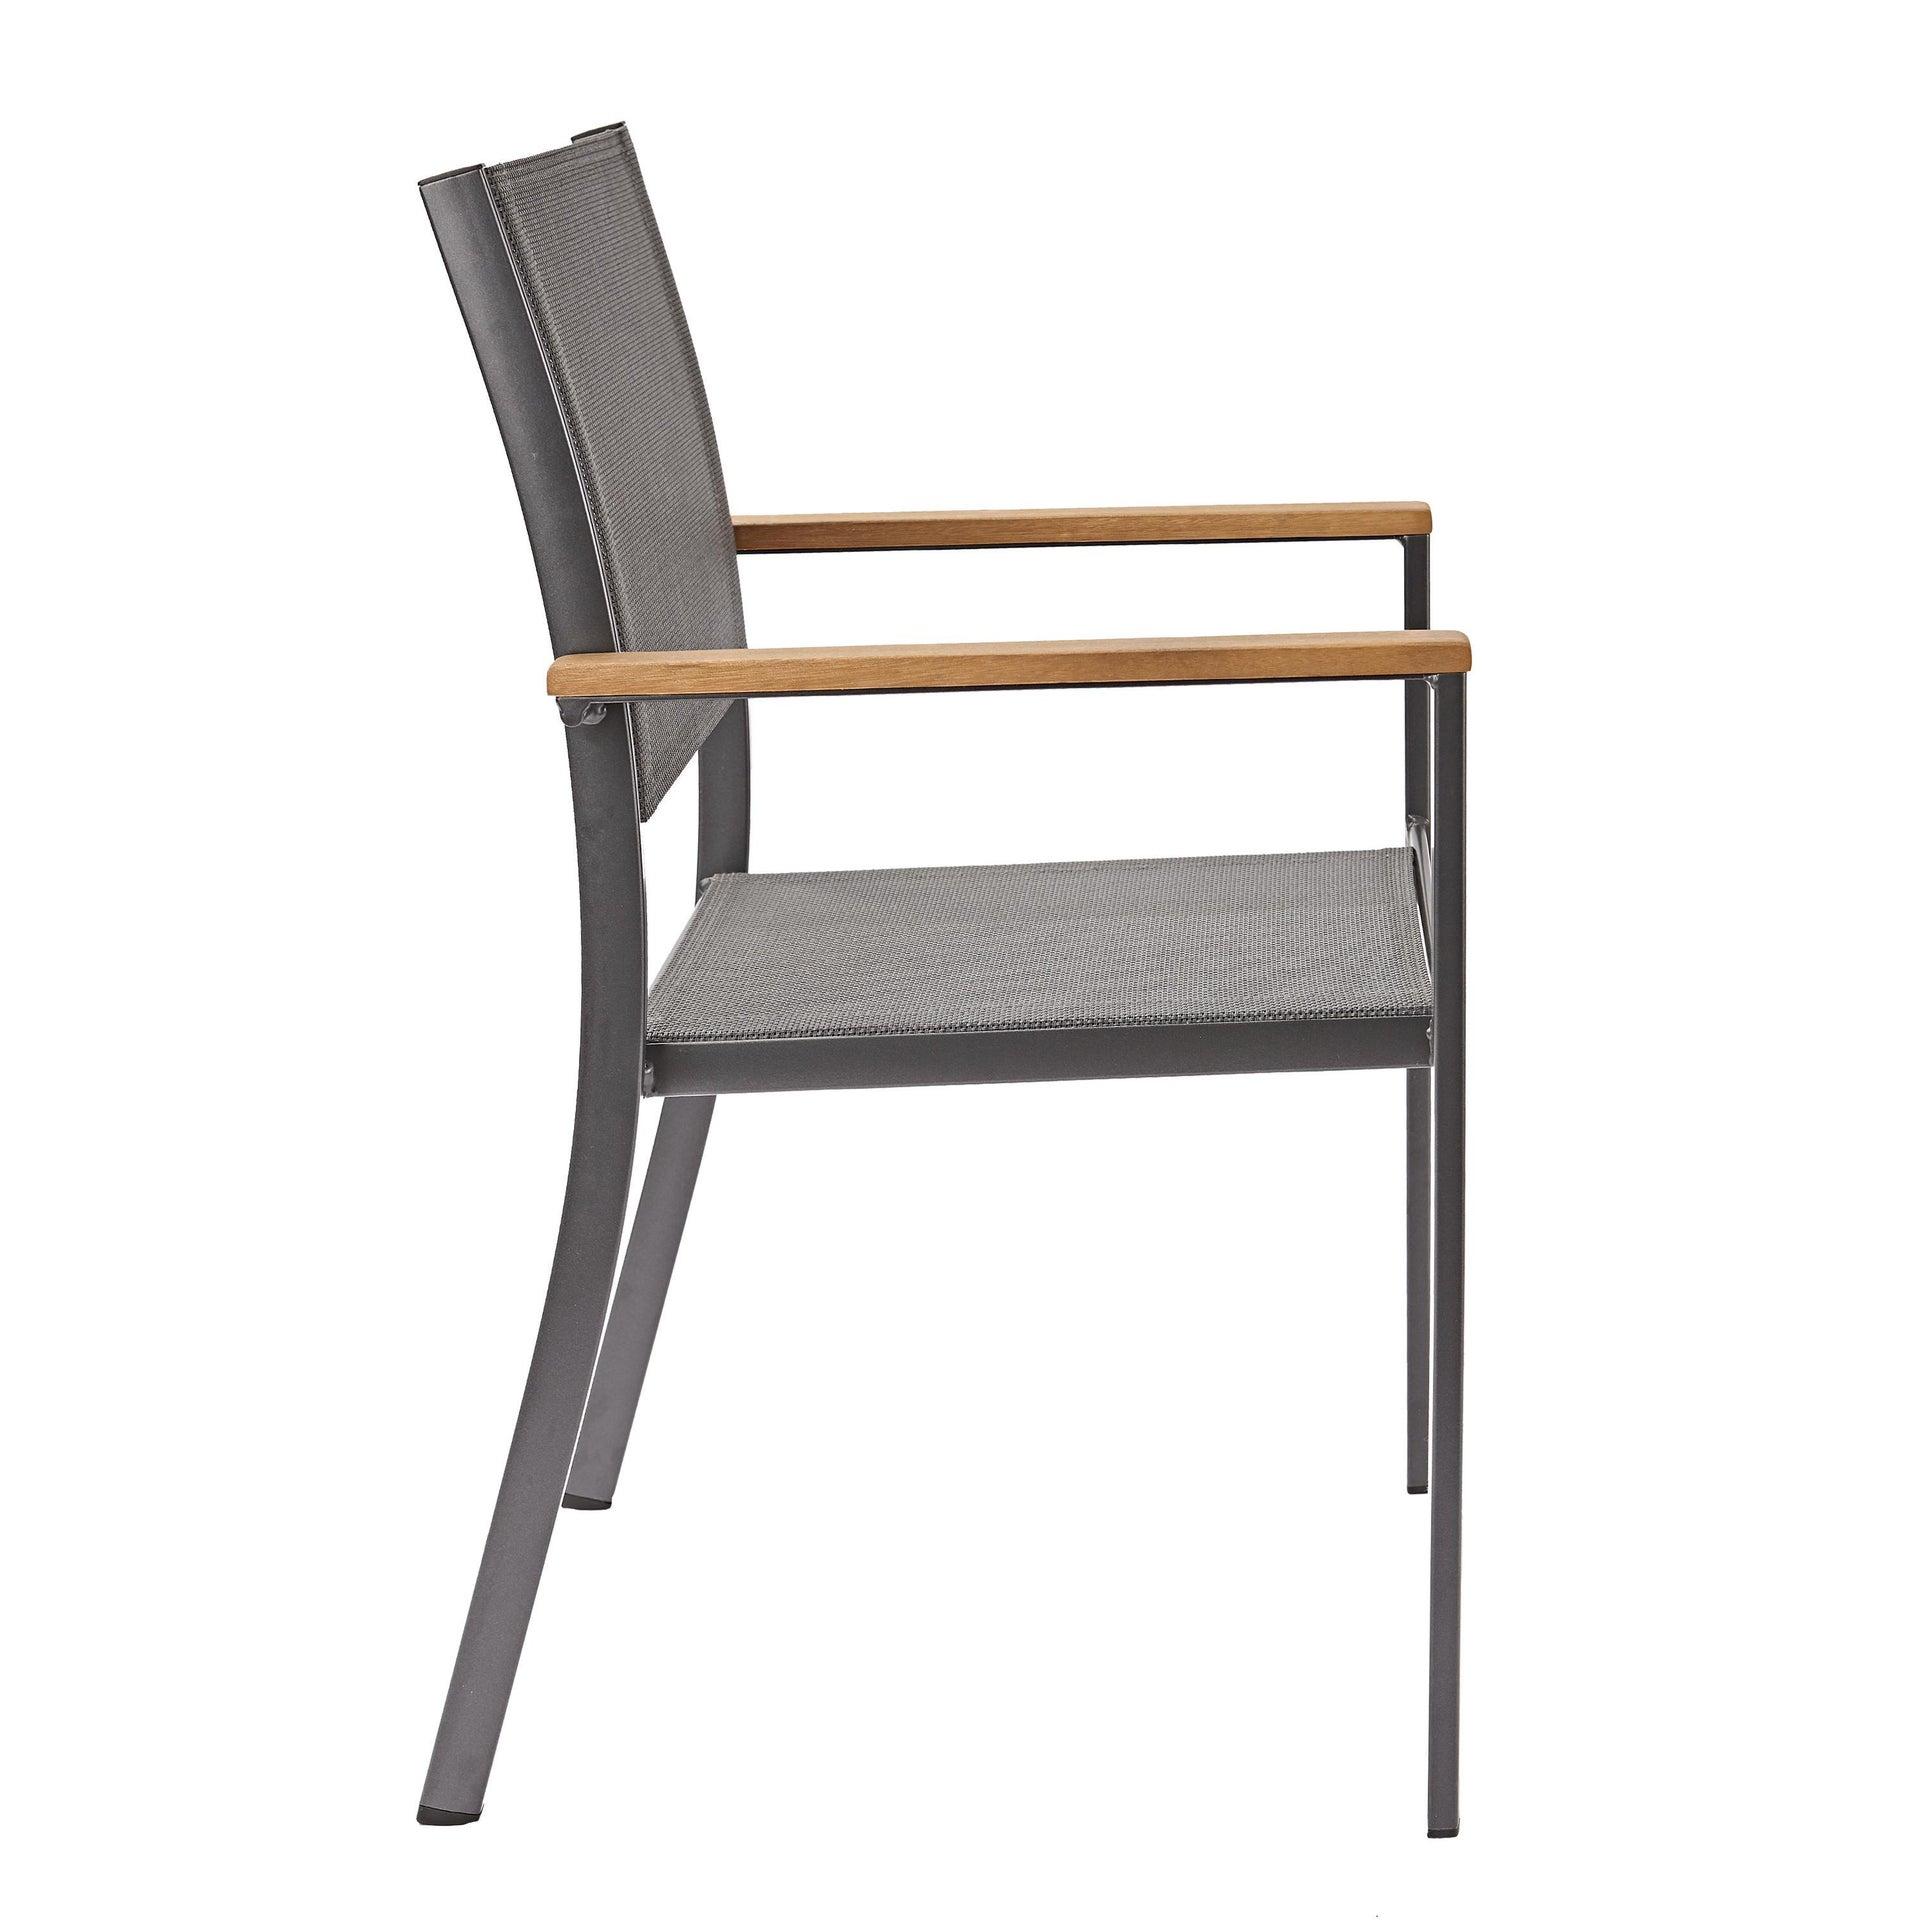 Sedia con braccioli senza cuscino in alluminio Oris NATERIAL colore teak - 7